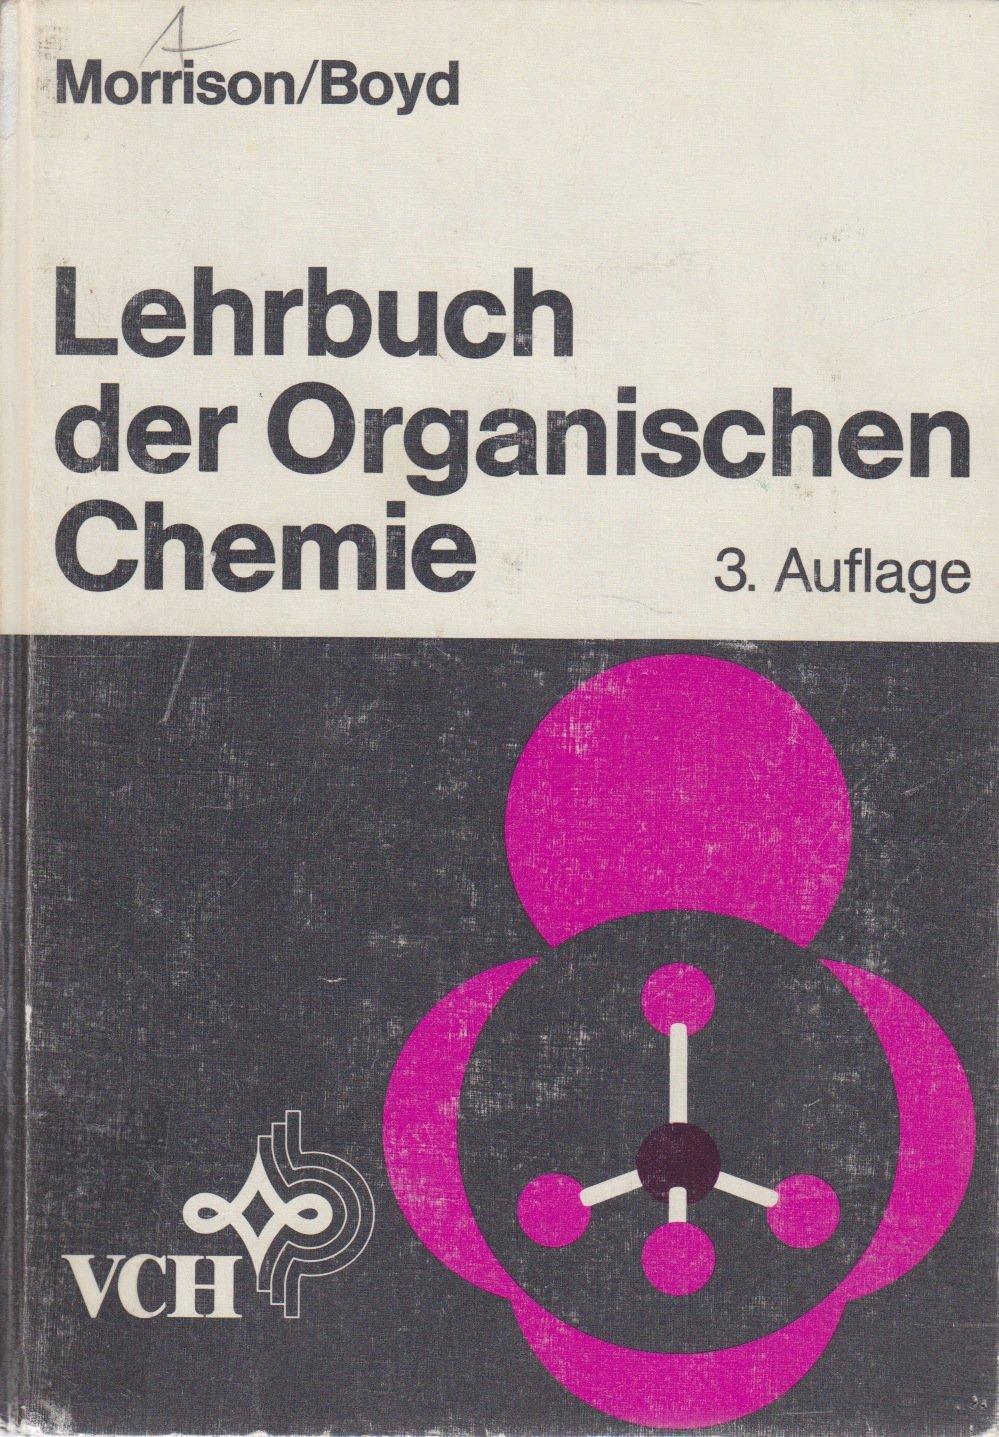 Lehrbuch der Organischen Chemie